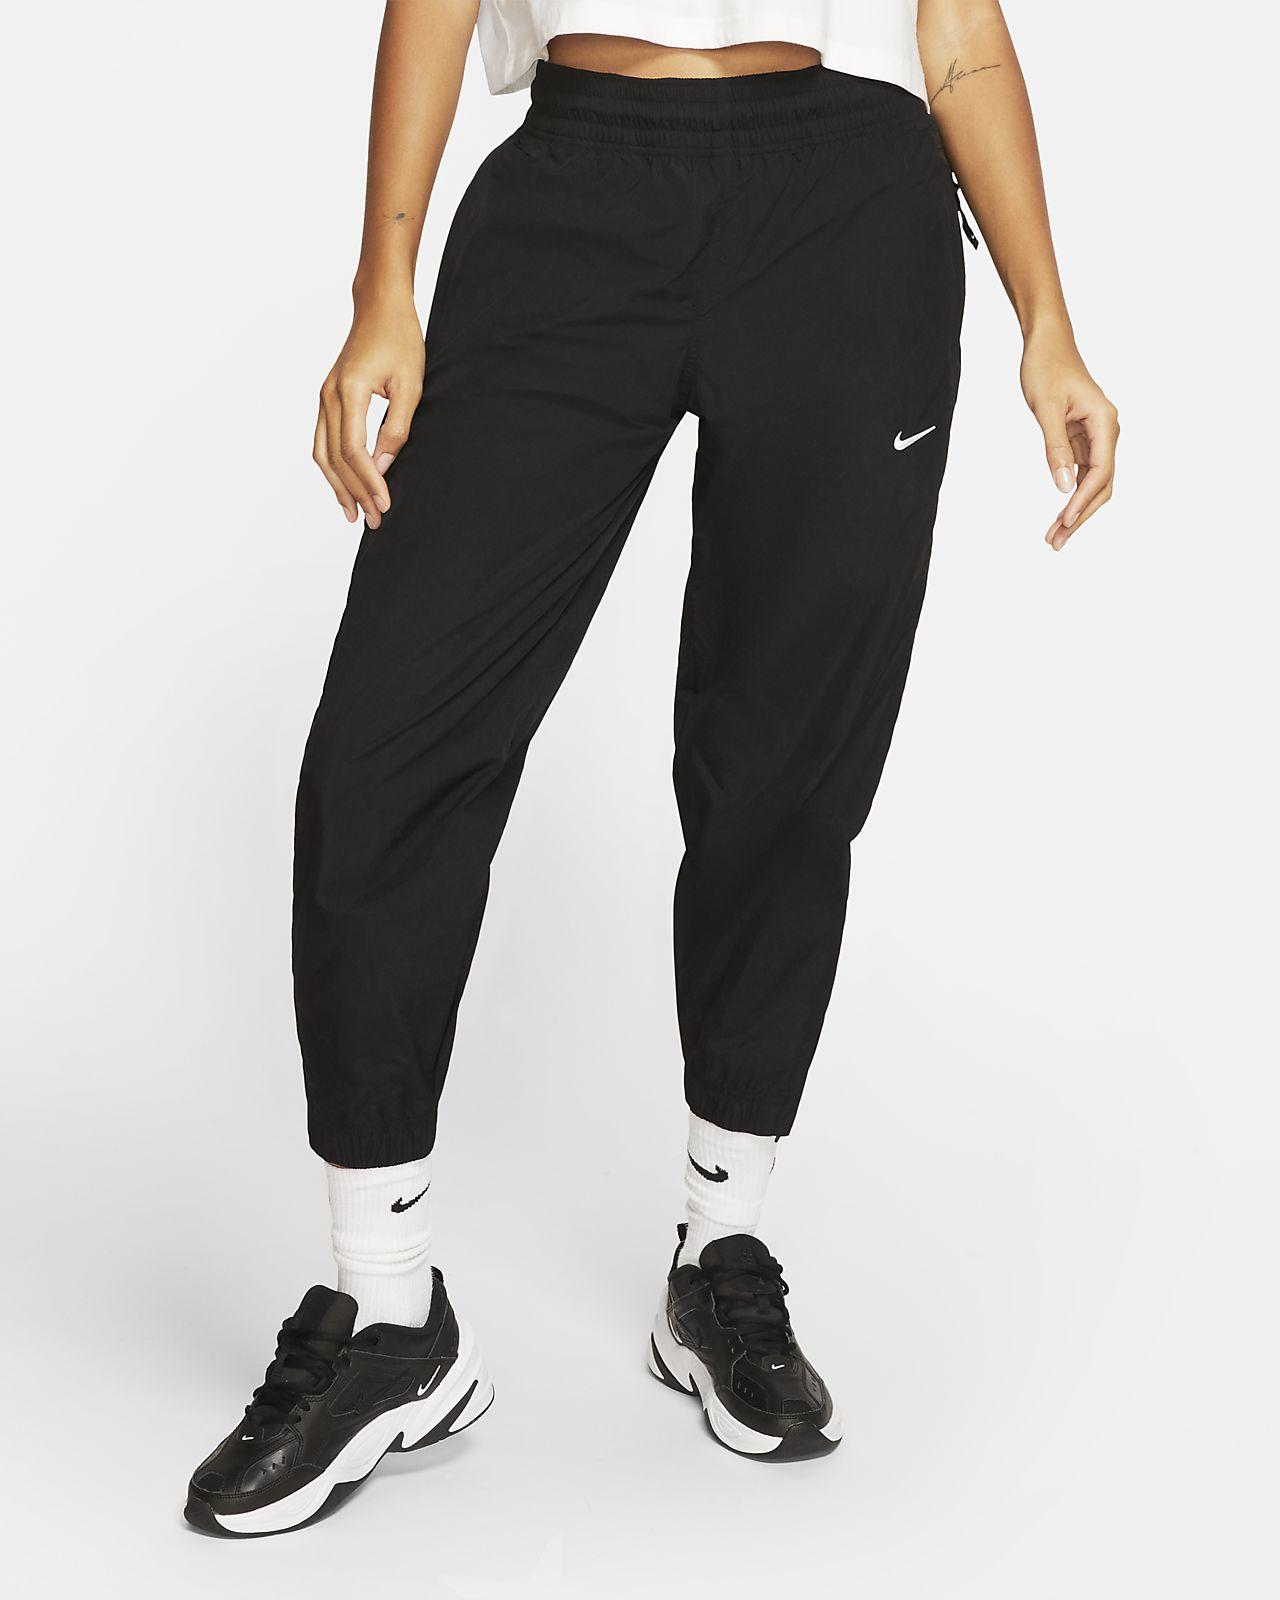 Nike løbebukser til kvinder